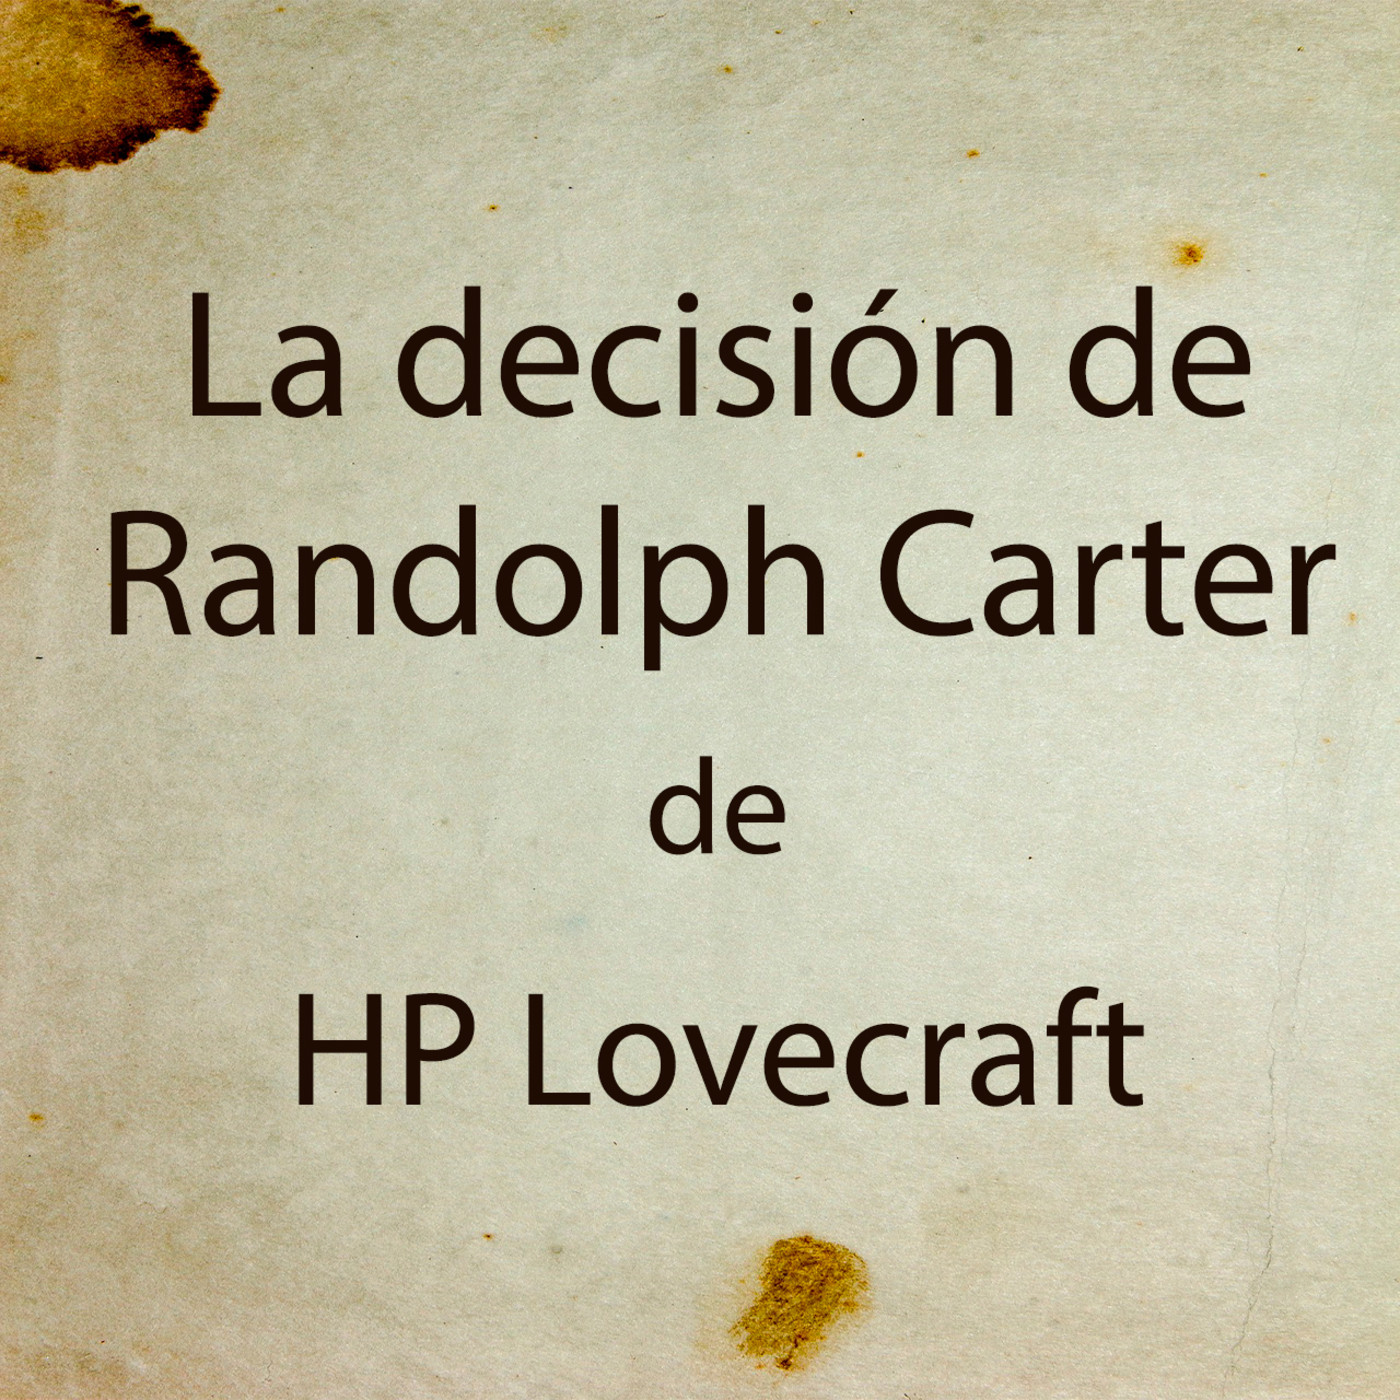 La decisión de Randolph Carter, de H.P. Lovecraft